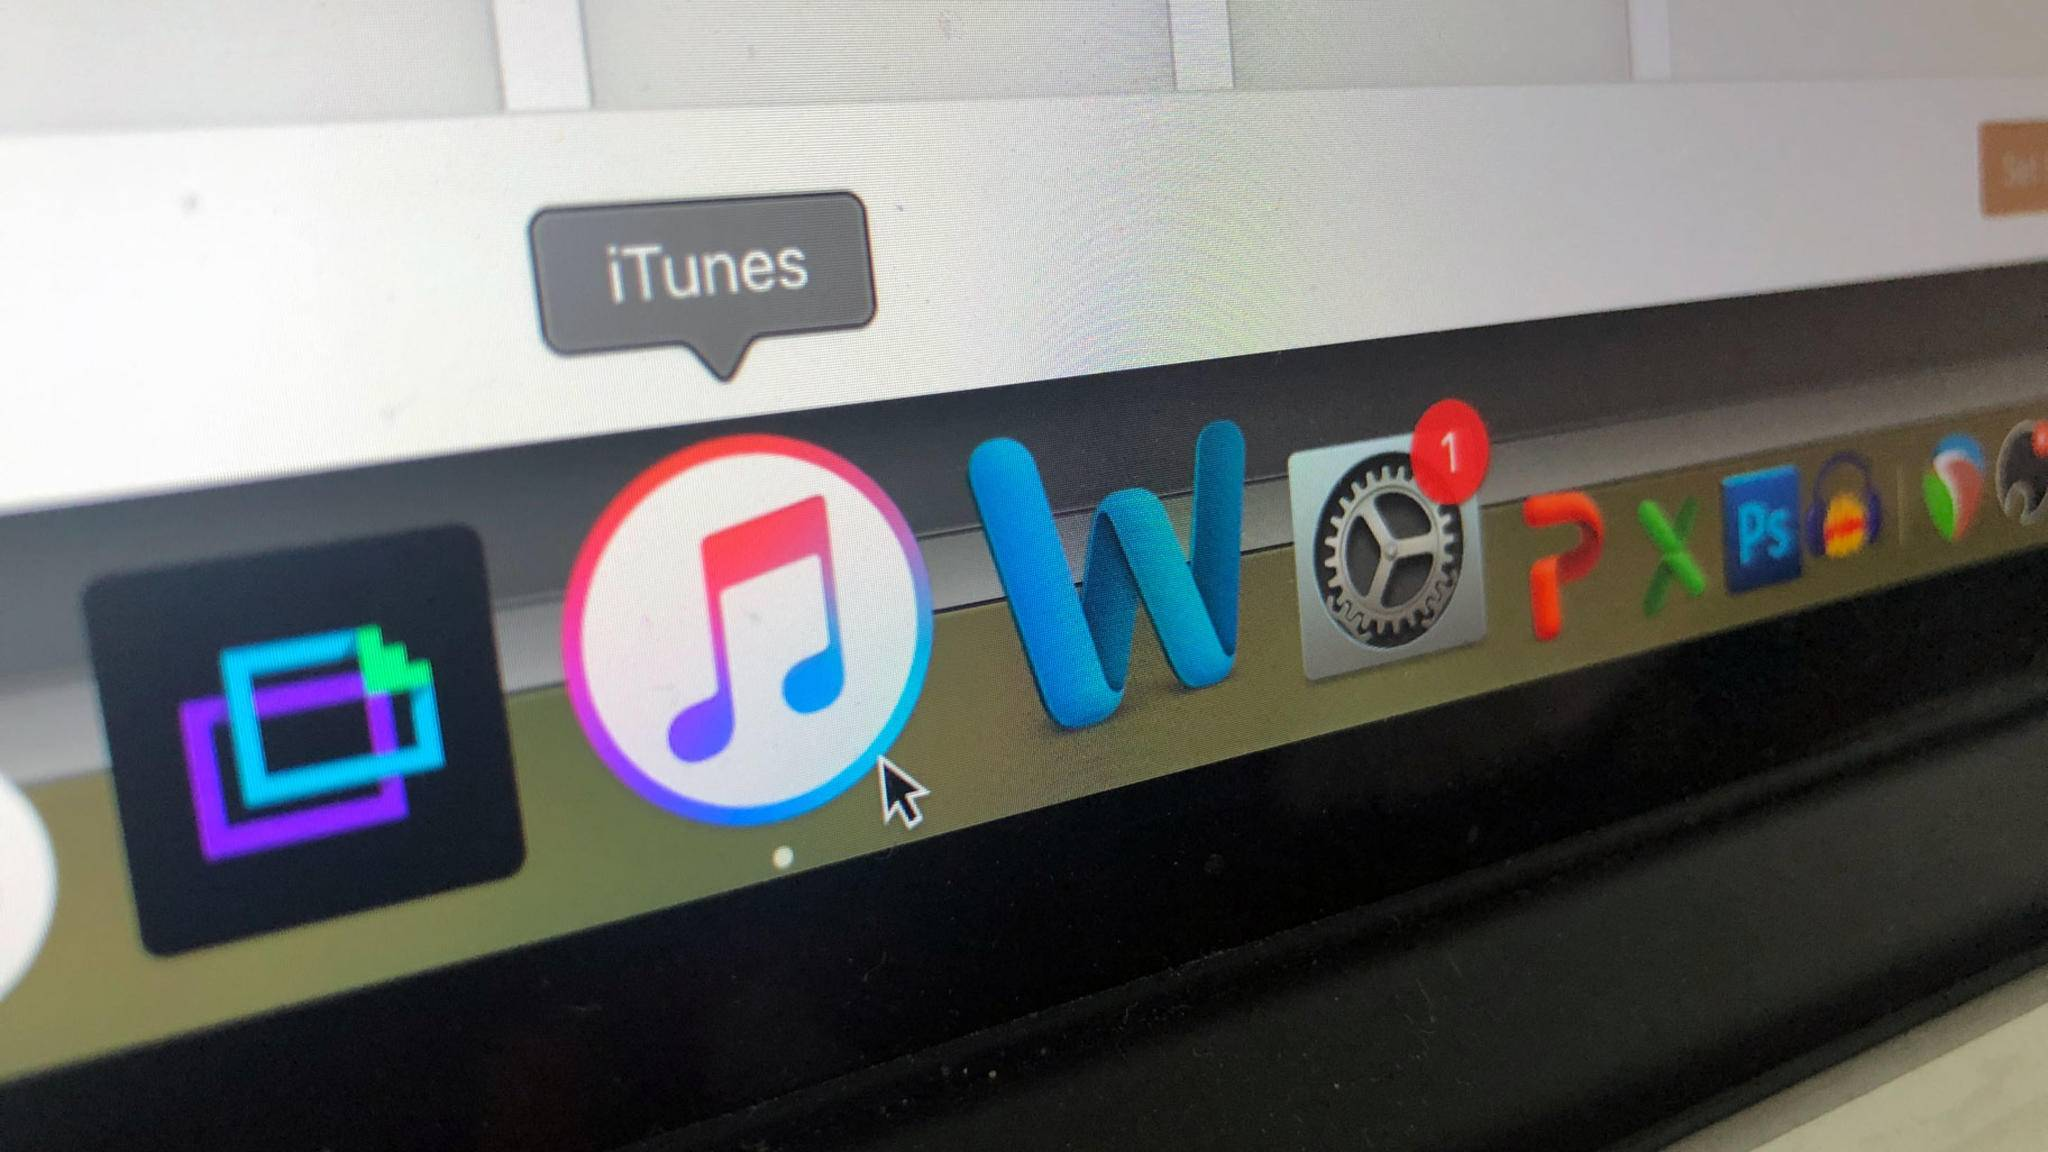 War's das für iTunes? Apple will die Software offenbar einstellen.